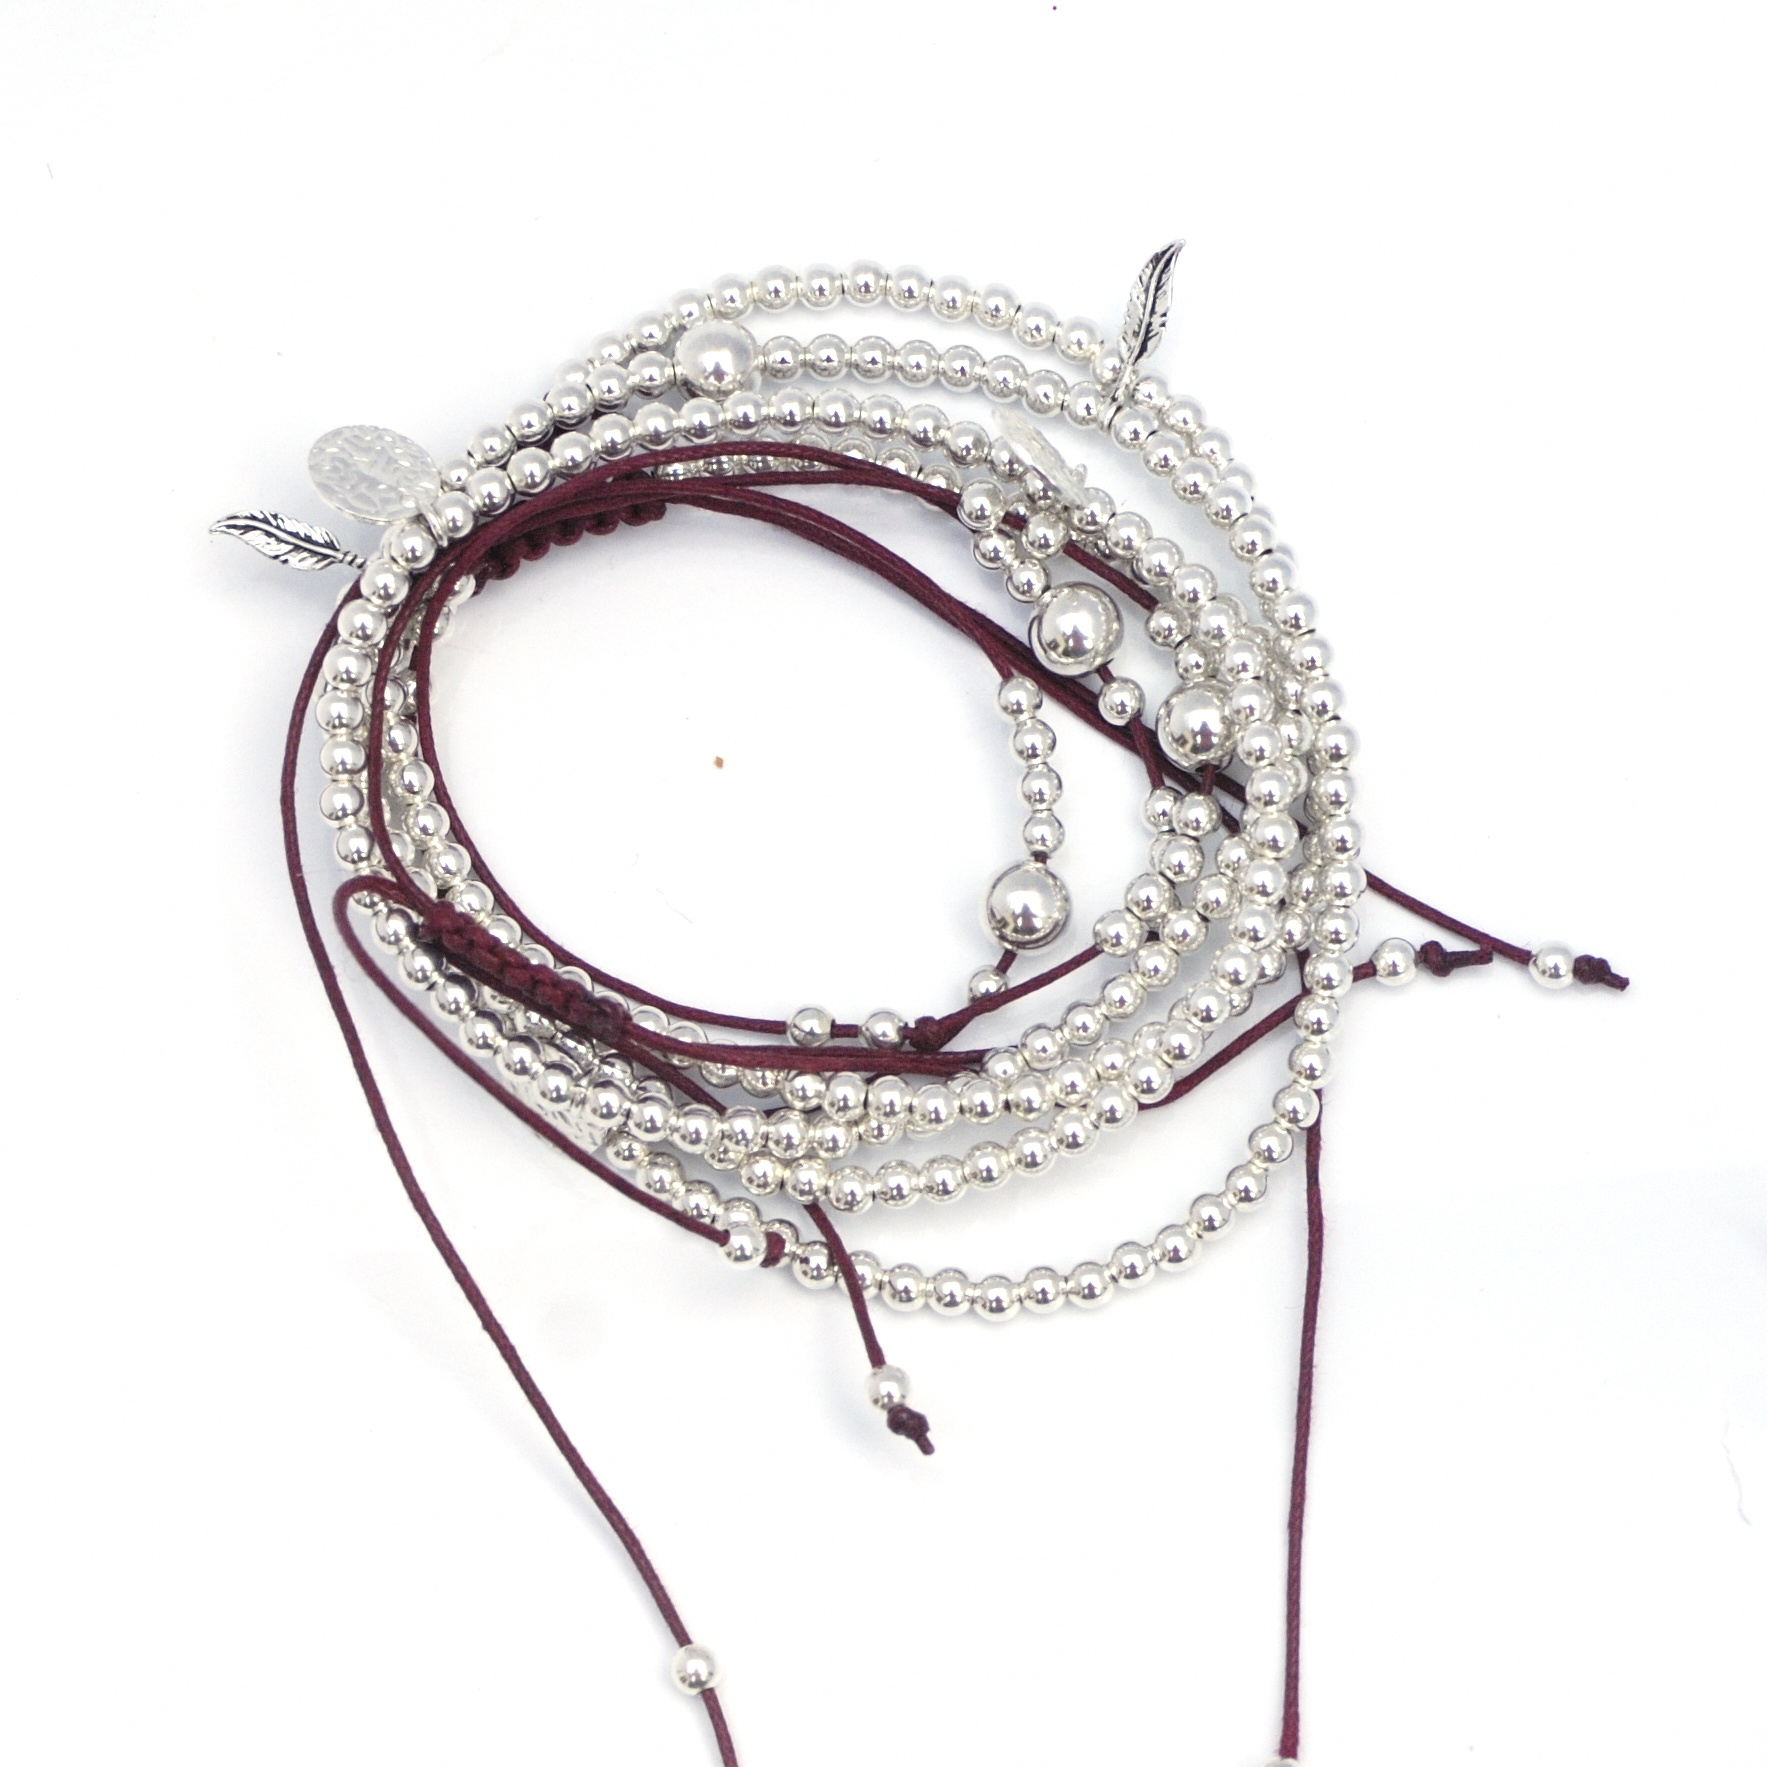 Les convertibles, le bracelet qui deviens collier